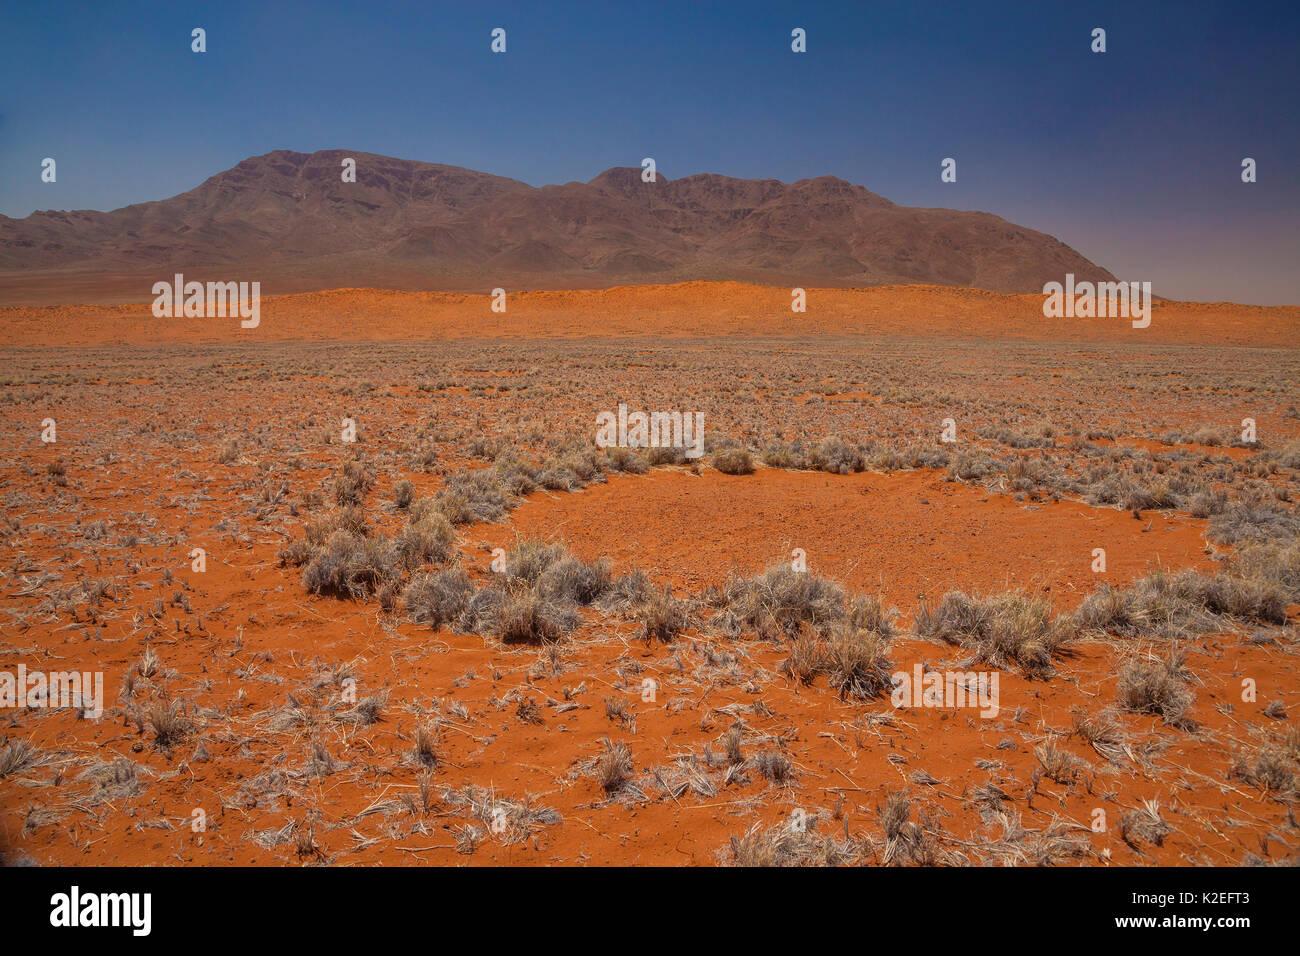 Fairy Kreis in der Wüste Namib, Namibia. Diese Muster haben vor kurzem festgestellt, dass diese Muster durch eine Mischung von Termiten verursacht werden, mit der Aktion der Gräser abschließen für Wasser kombiniert. Februar 2015 Stockbild